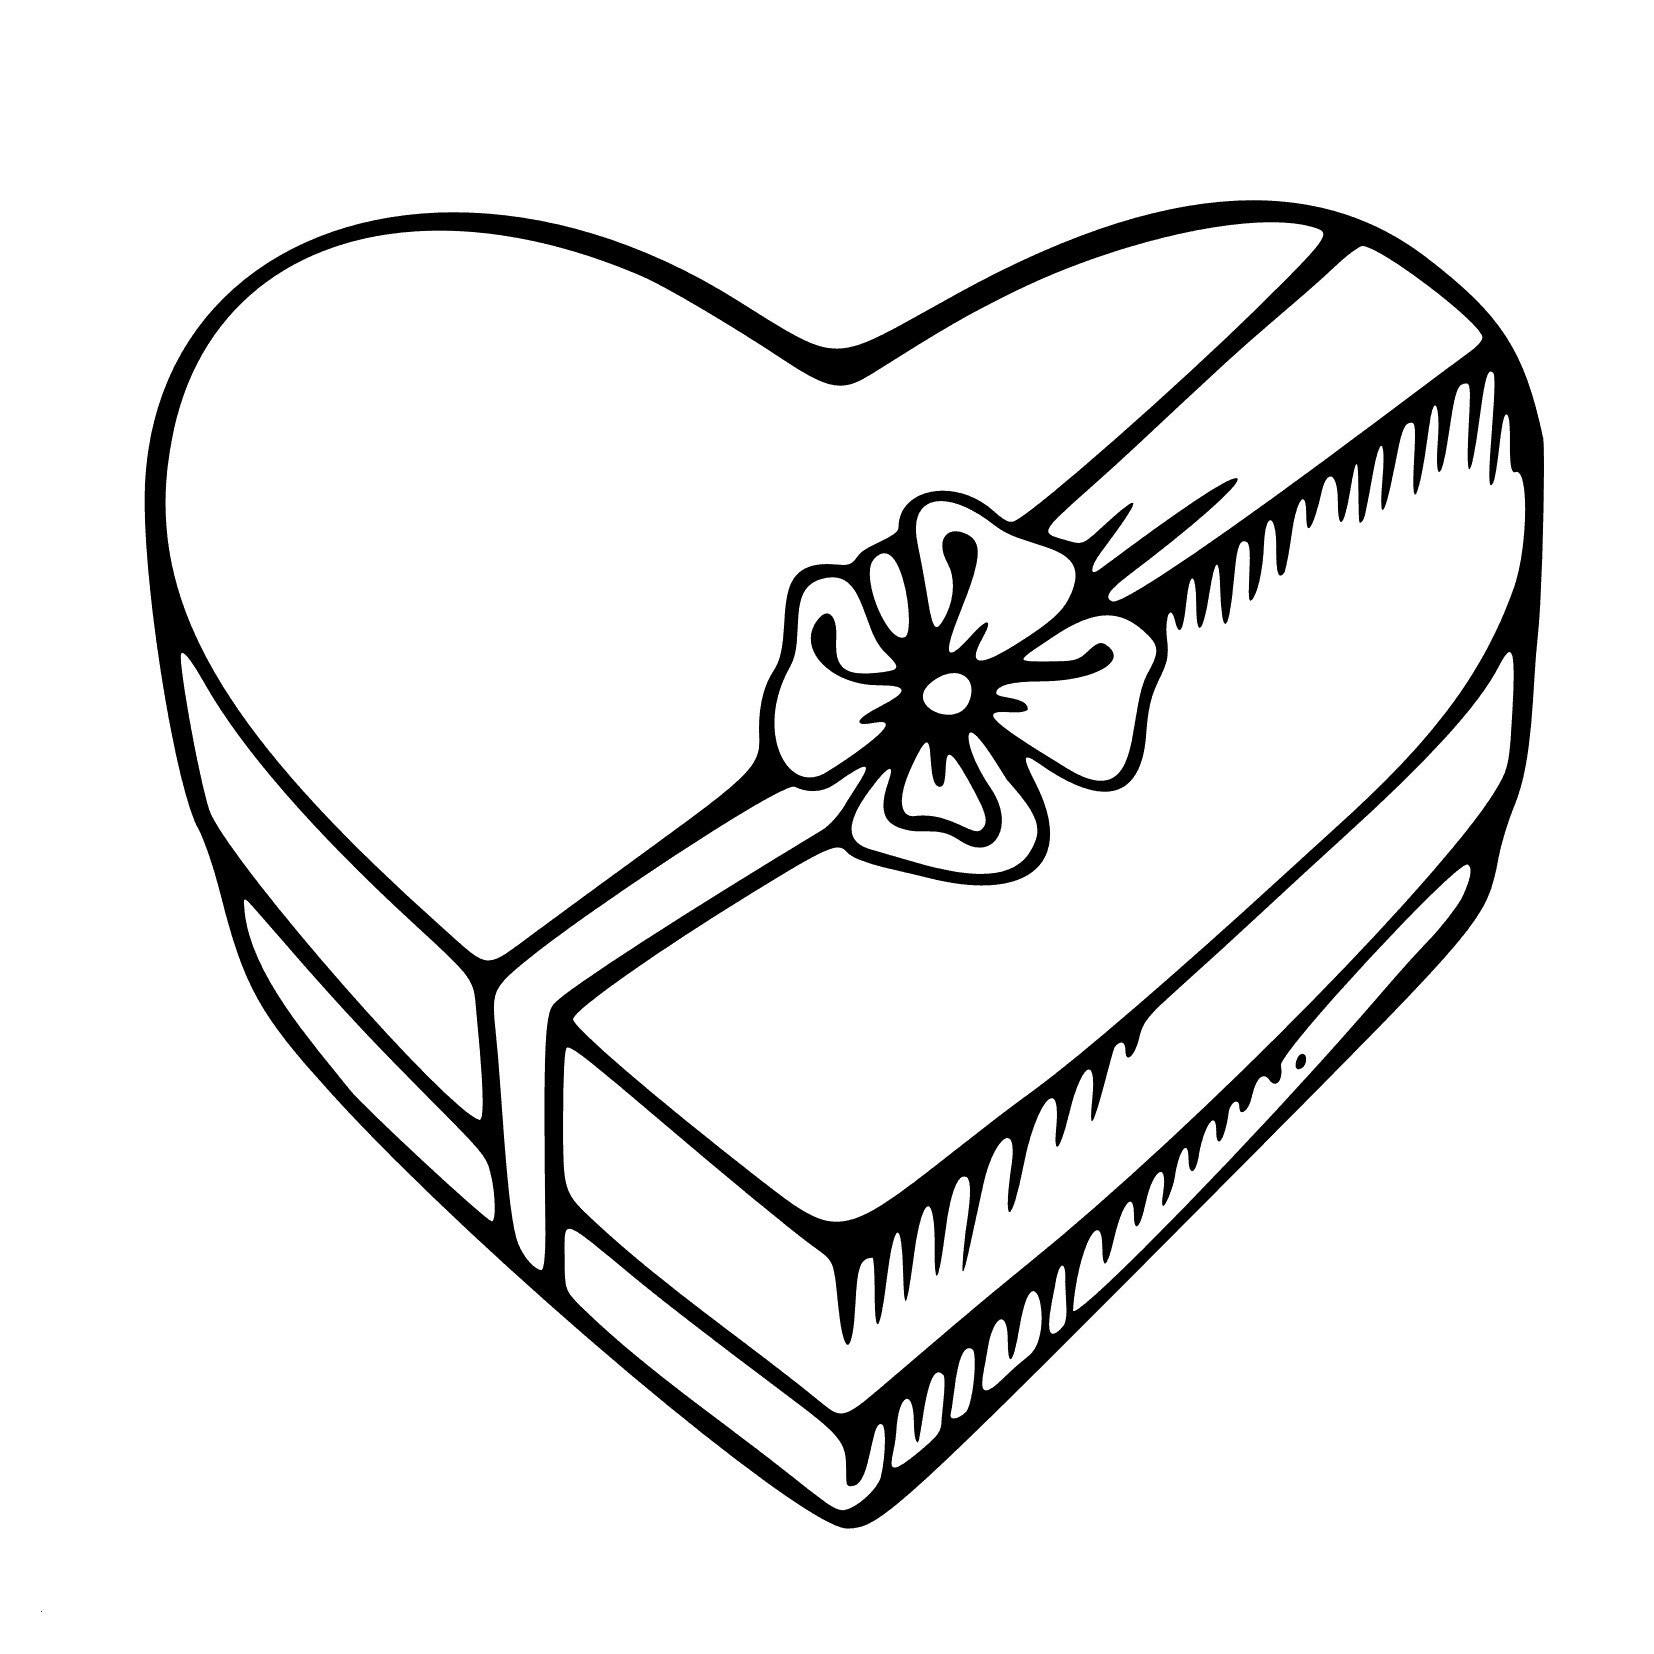 Herz Malvorlagen Einfach Herz Mandalas Zum Ausdrucken – Malvorlagen